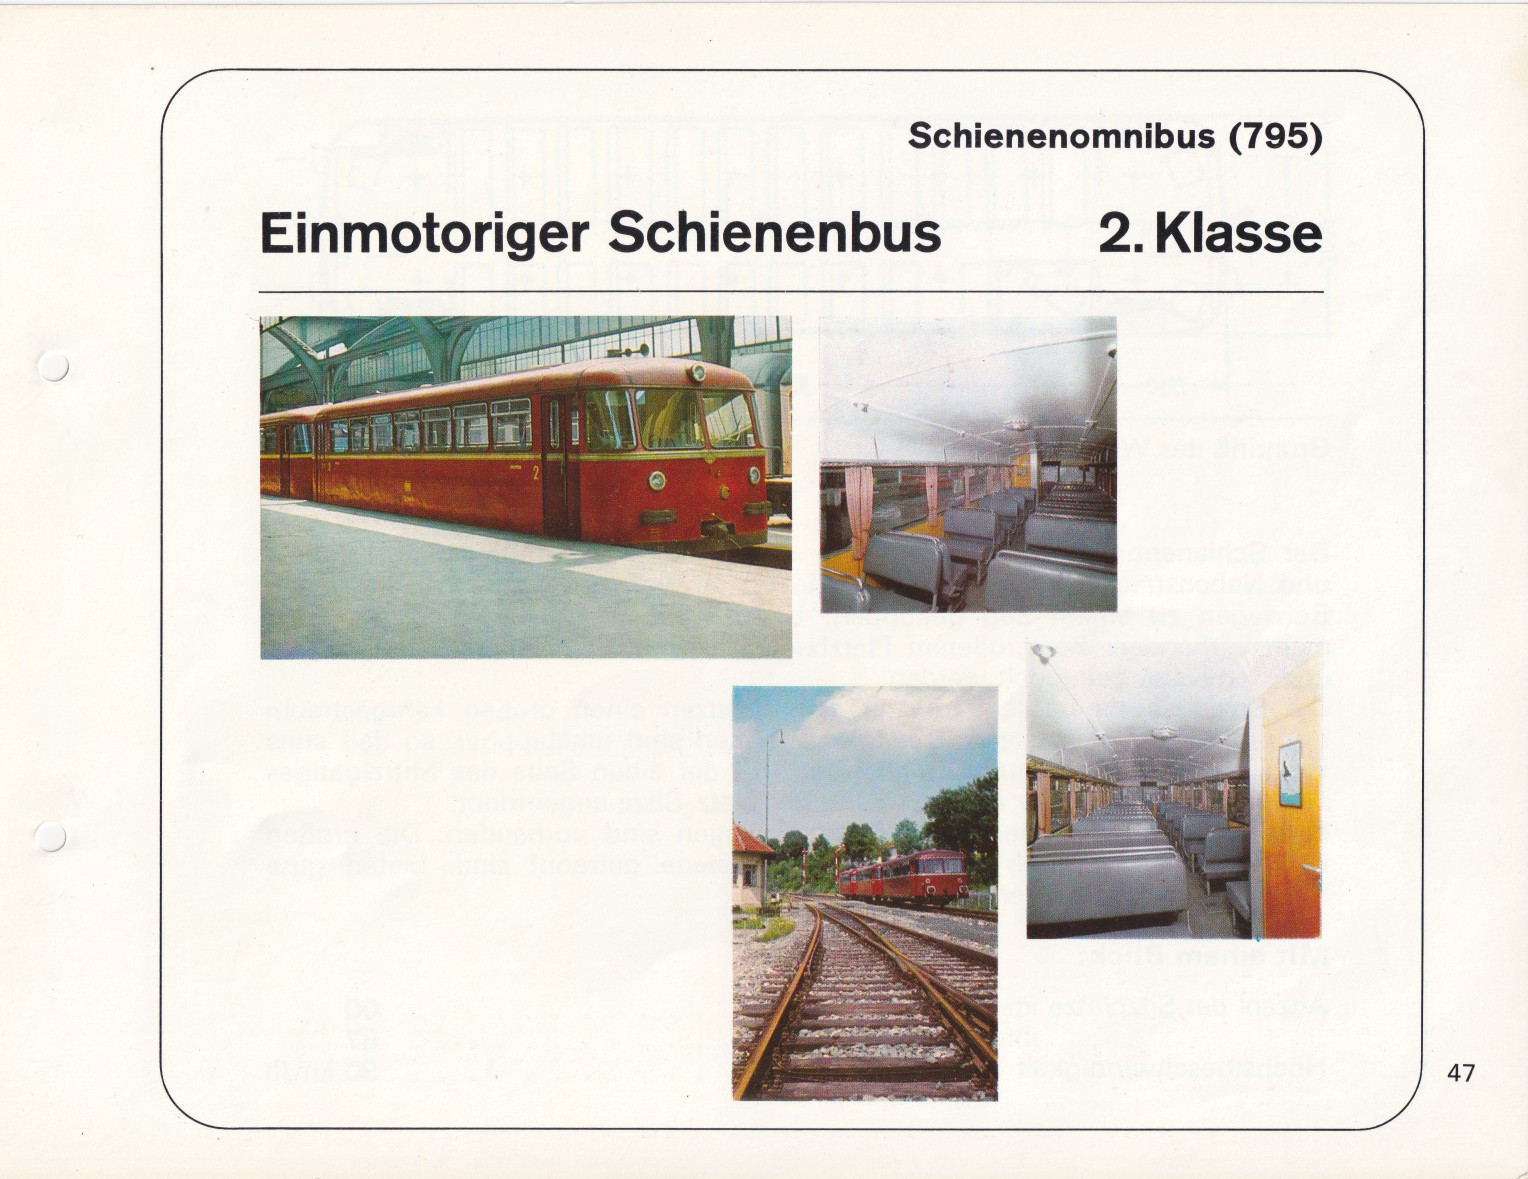 https://www.nullclub.de/hifo/Fahrzeuglexikon/Wagen47a.jpg